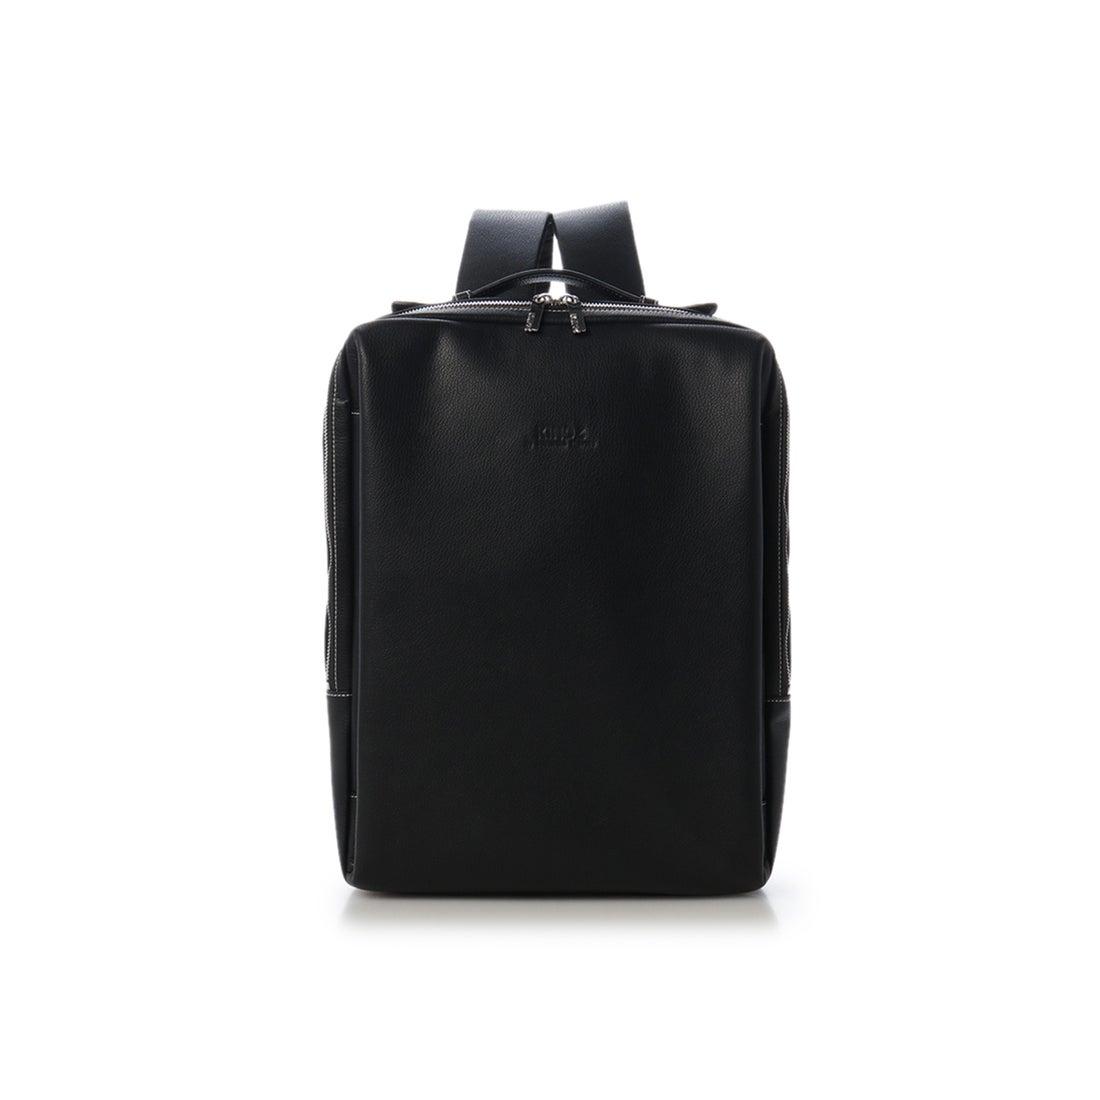 b95183971dbc キングズ バイ サマンサタバサ リュック ブラック. ¥39,420. ロコンド 靴とファッションの通販サイト